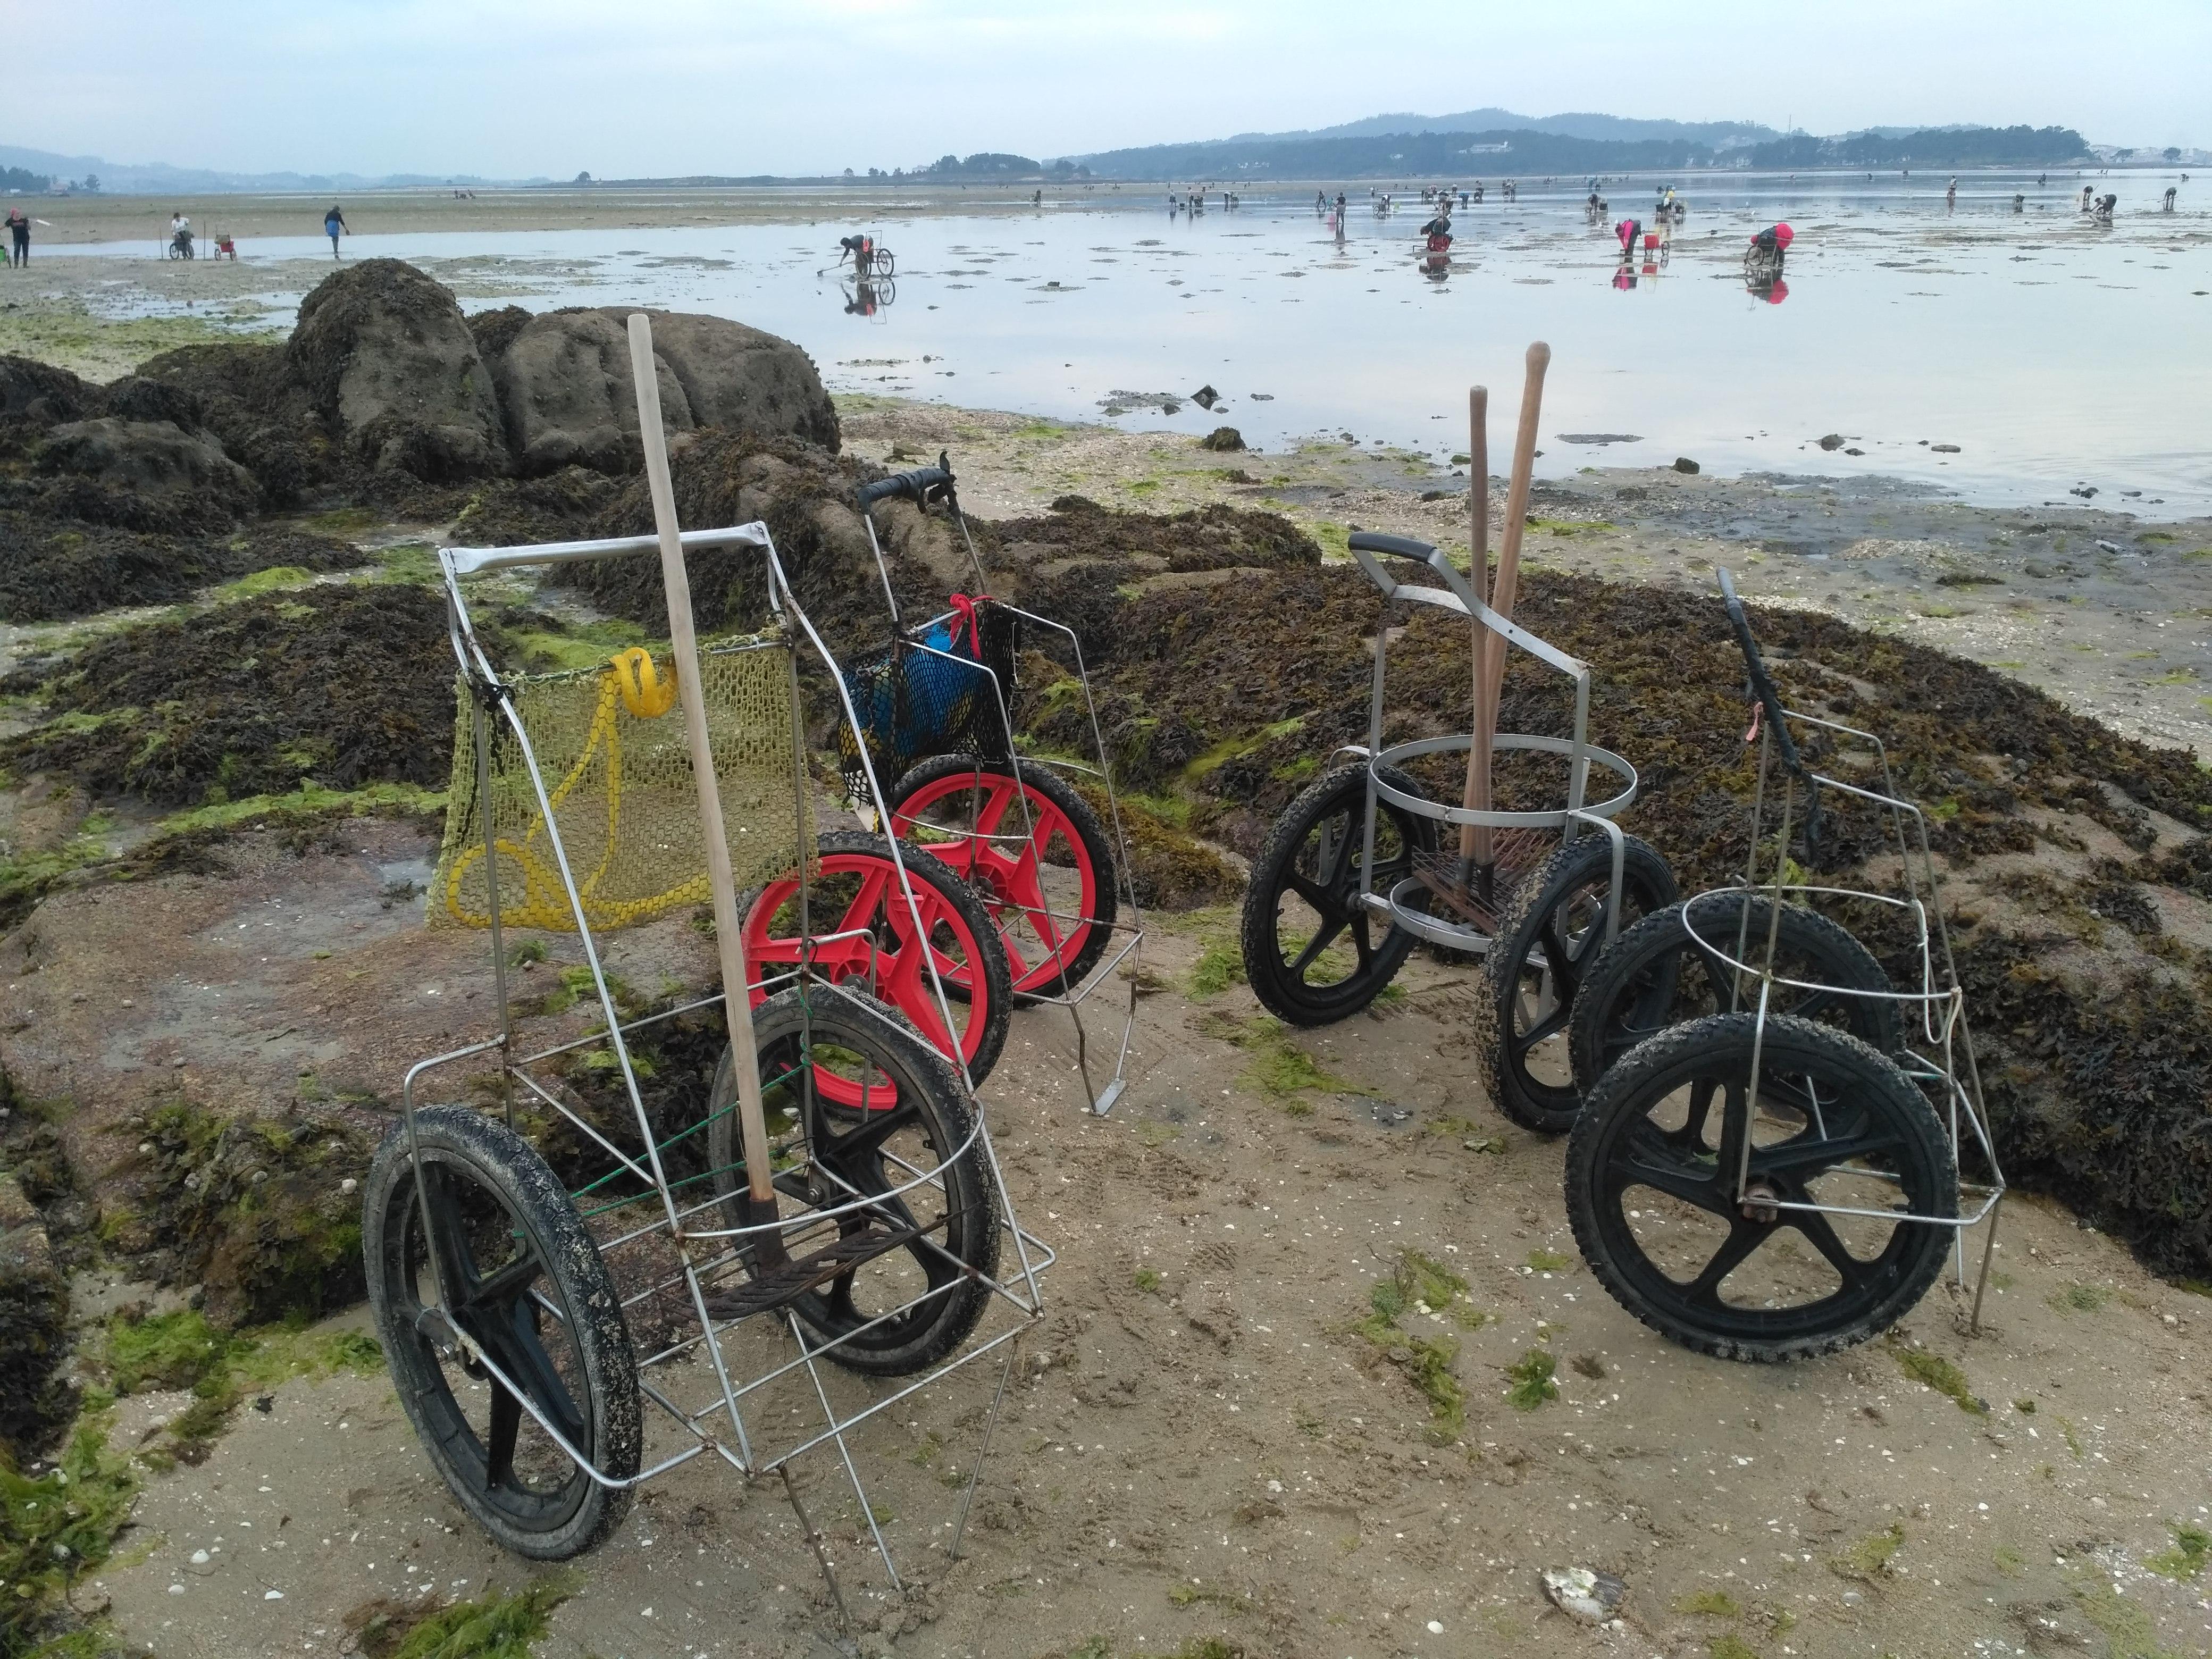 Ruta del marisqueo en Cambados